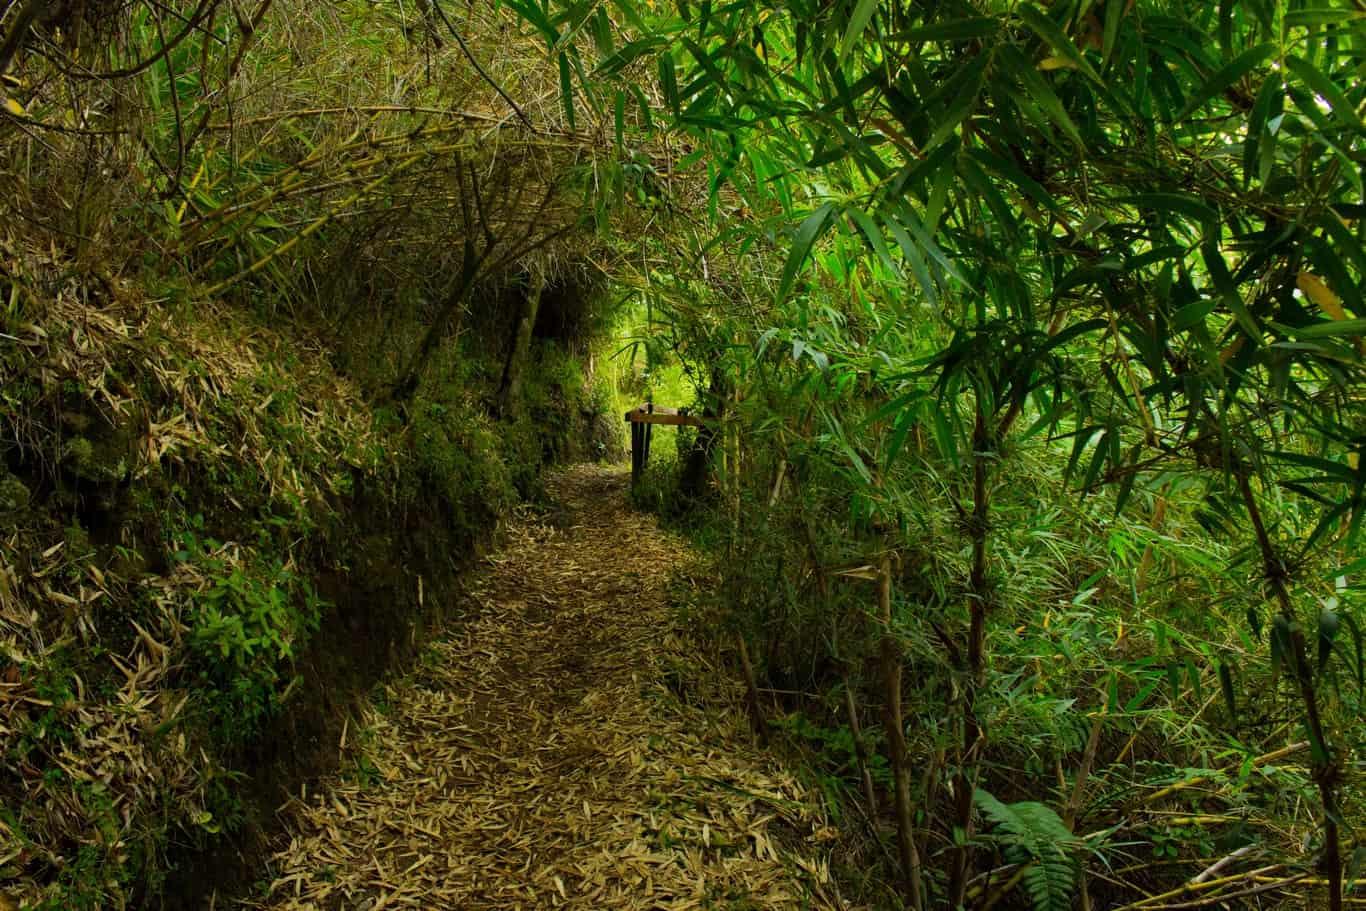 Día 1 - Parque Urbano El Bosque